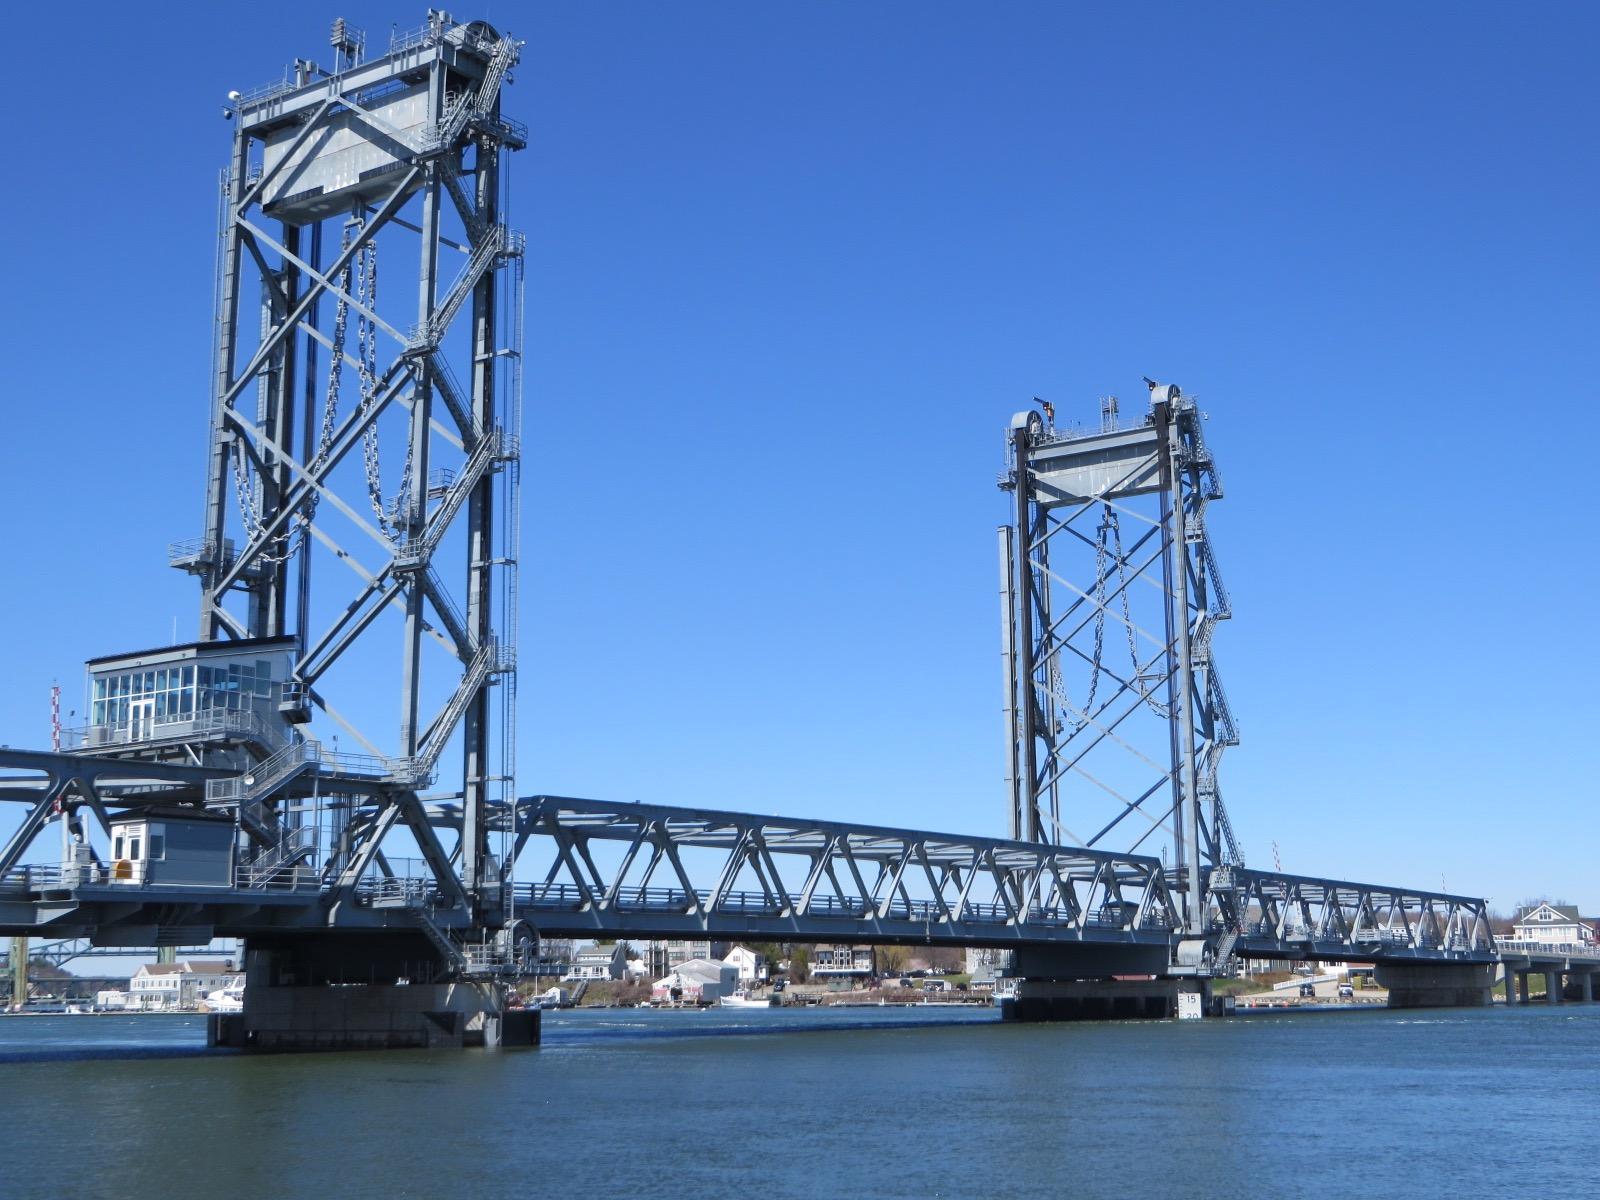 Memorial Bridge (Portsmouth, New Hampshire) - Wikipedia